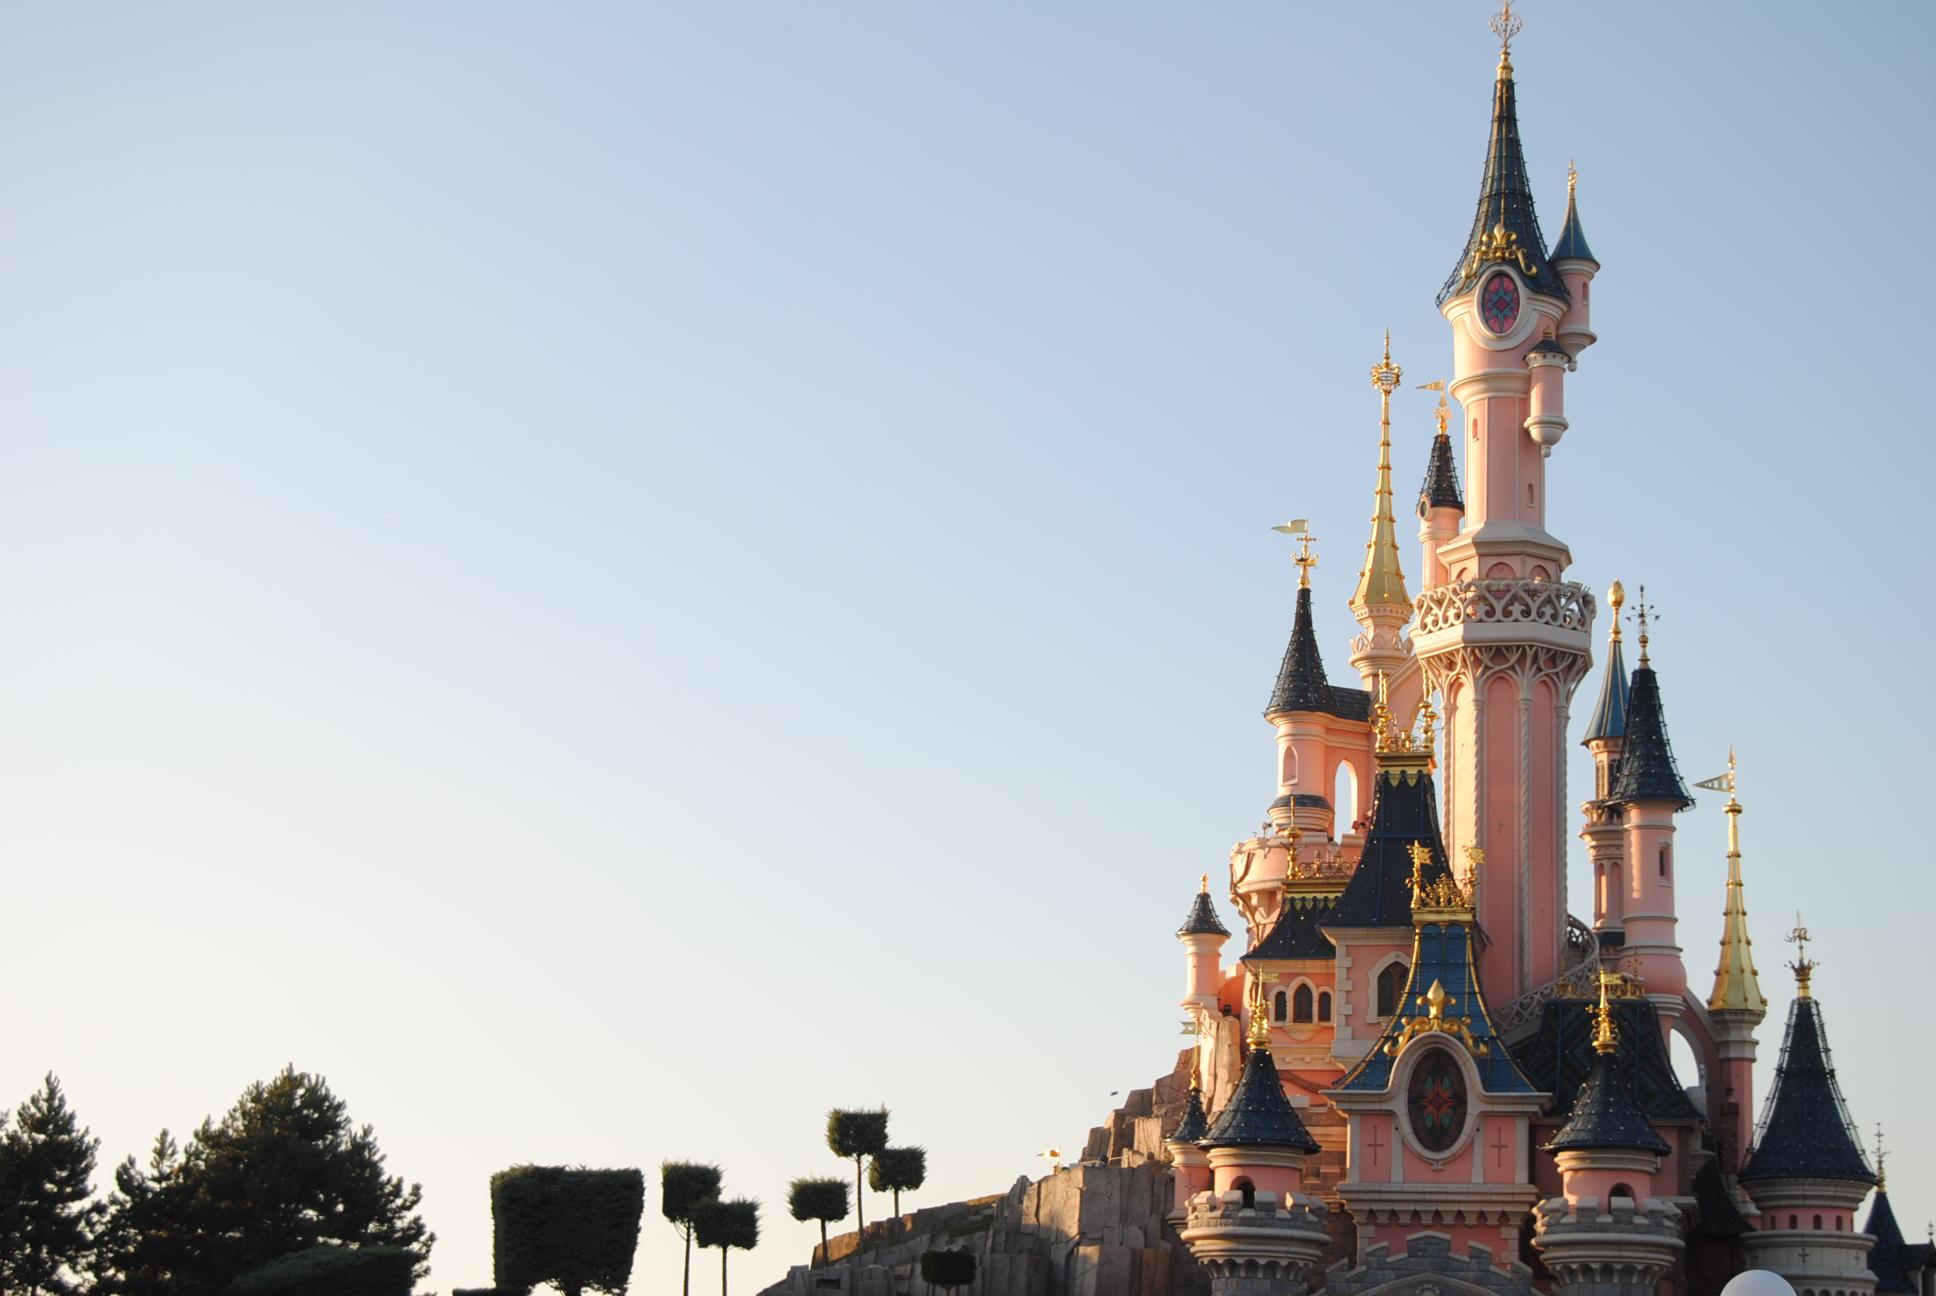 castle-disneyland-paris